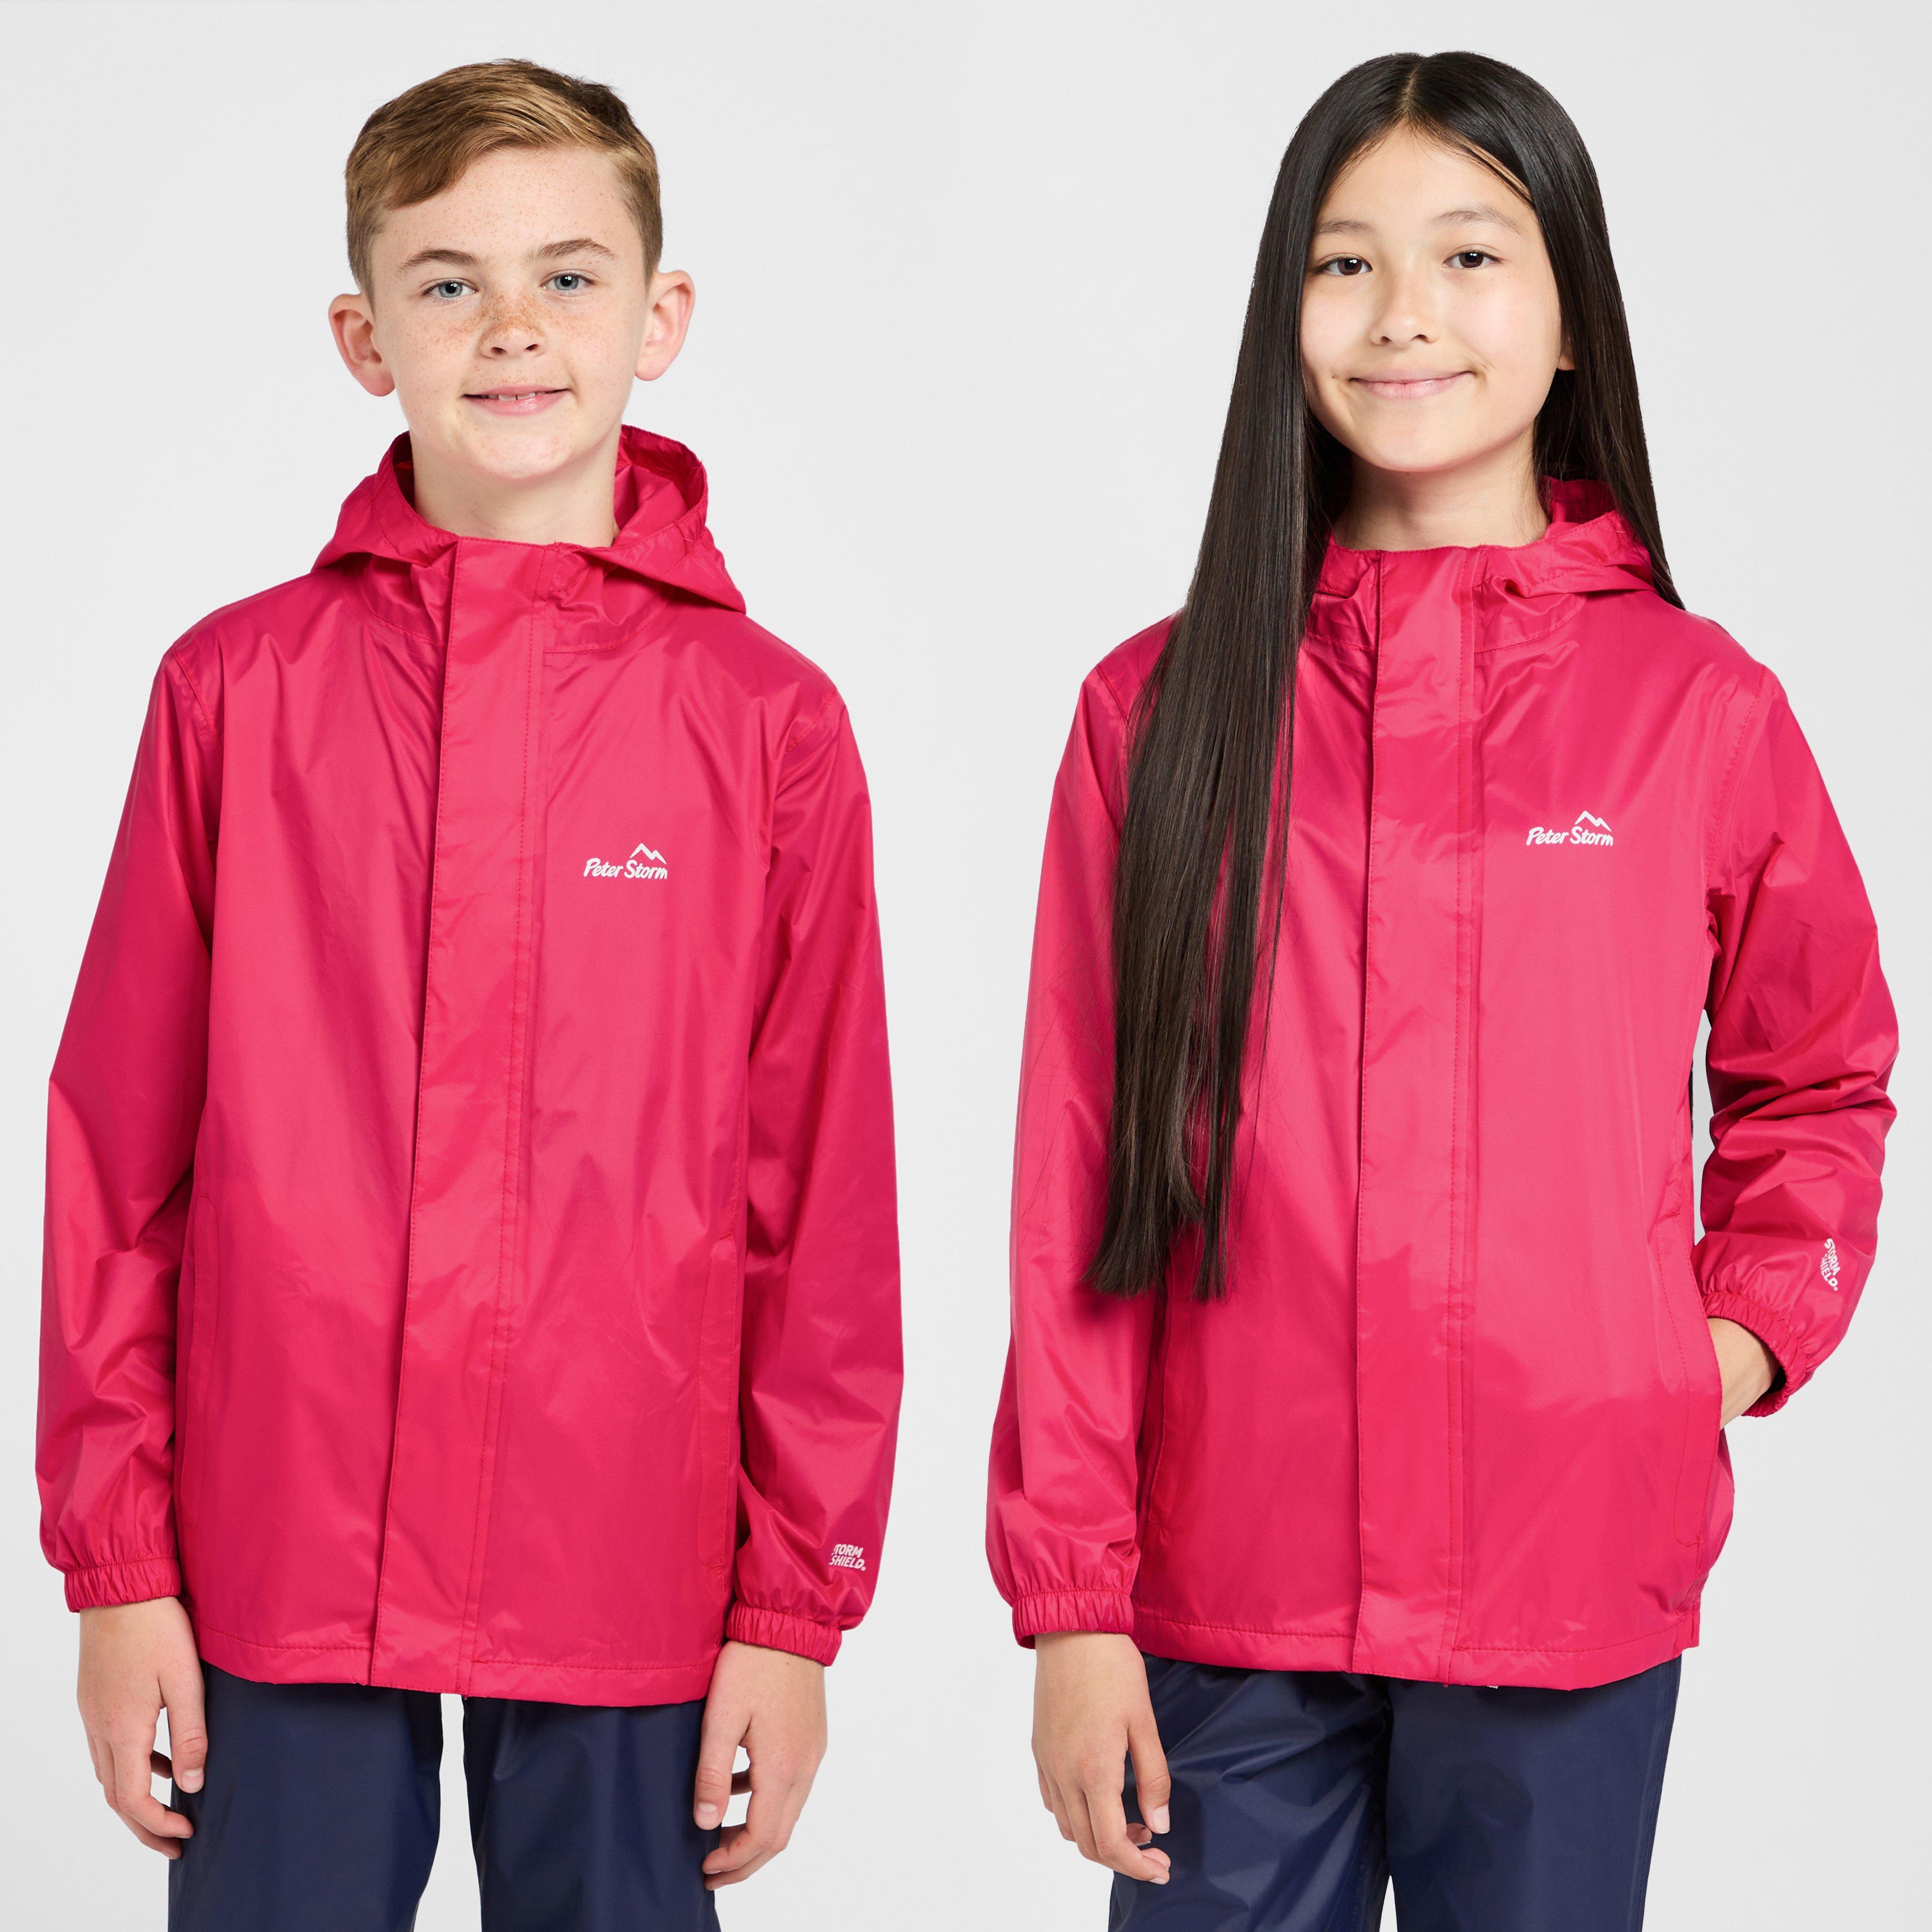 Peter Storm Kids Packable Patterned Waterproof Jacket - Pink/pink  Pink/pink